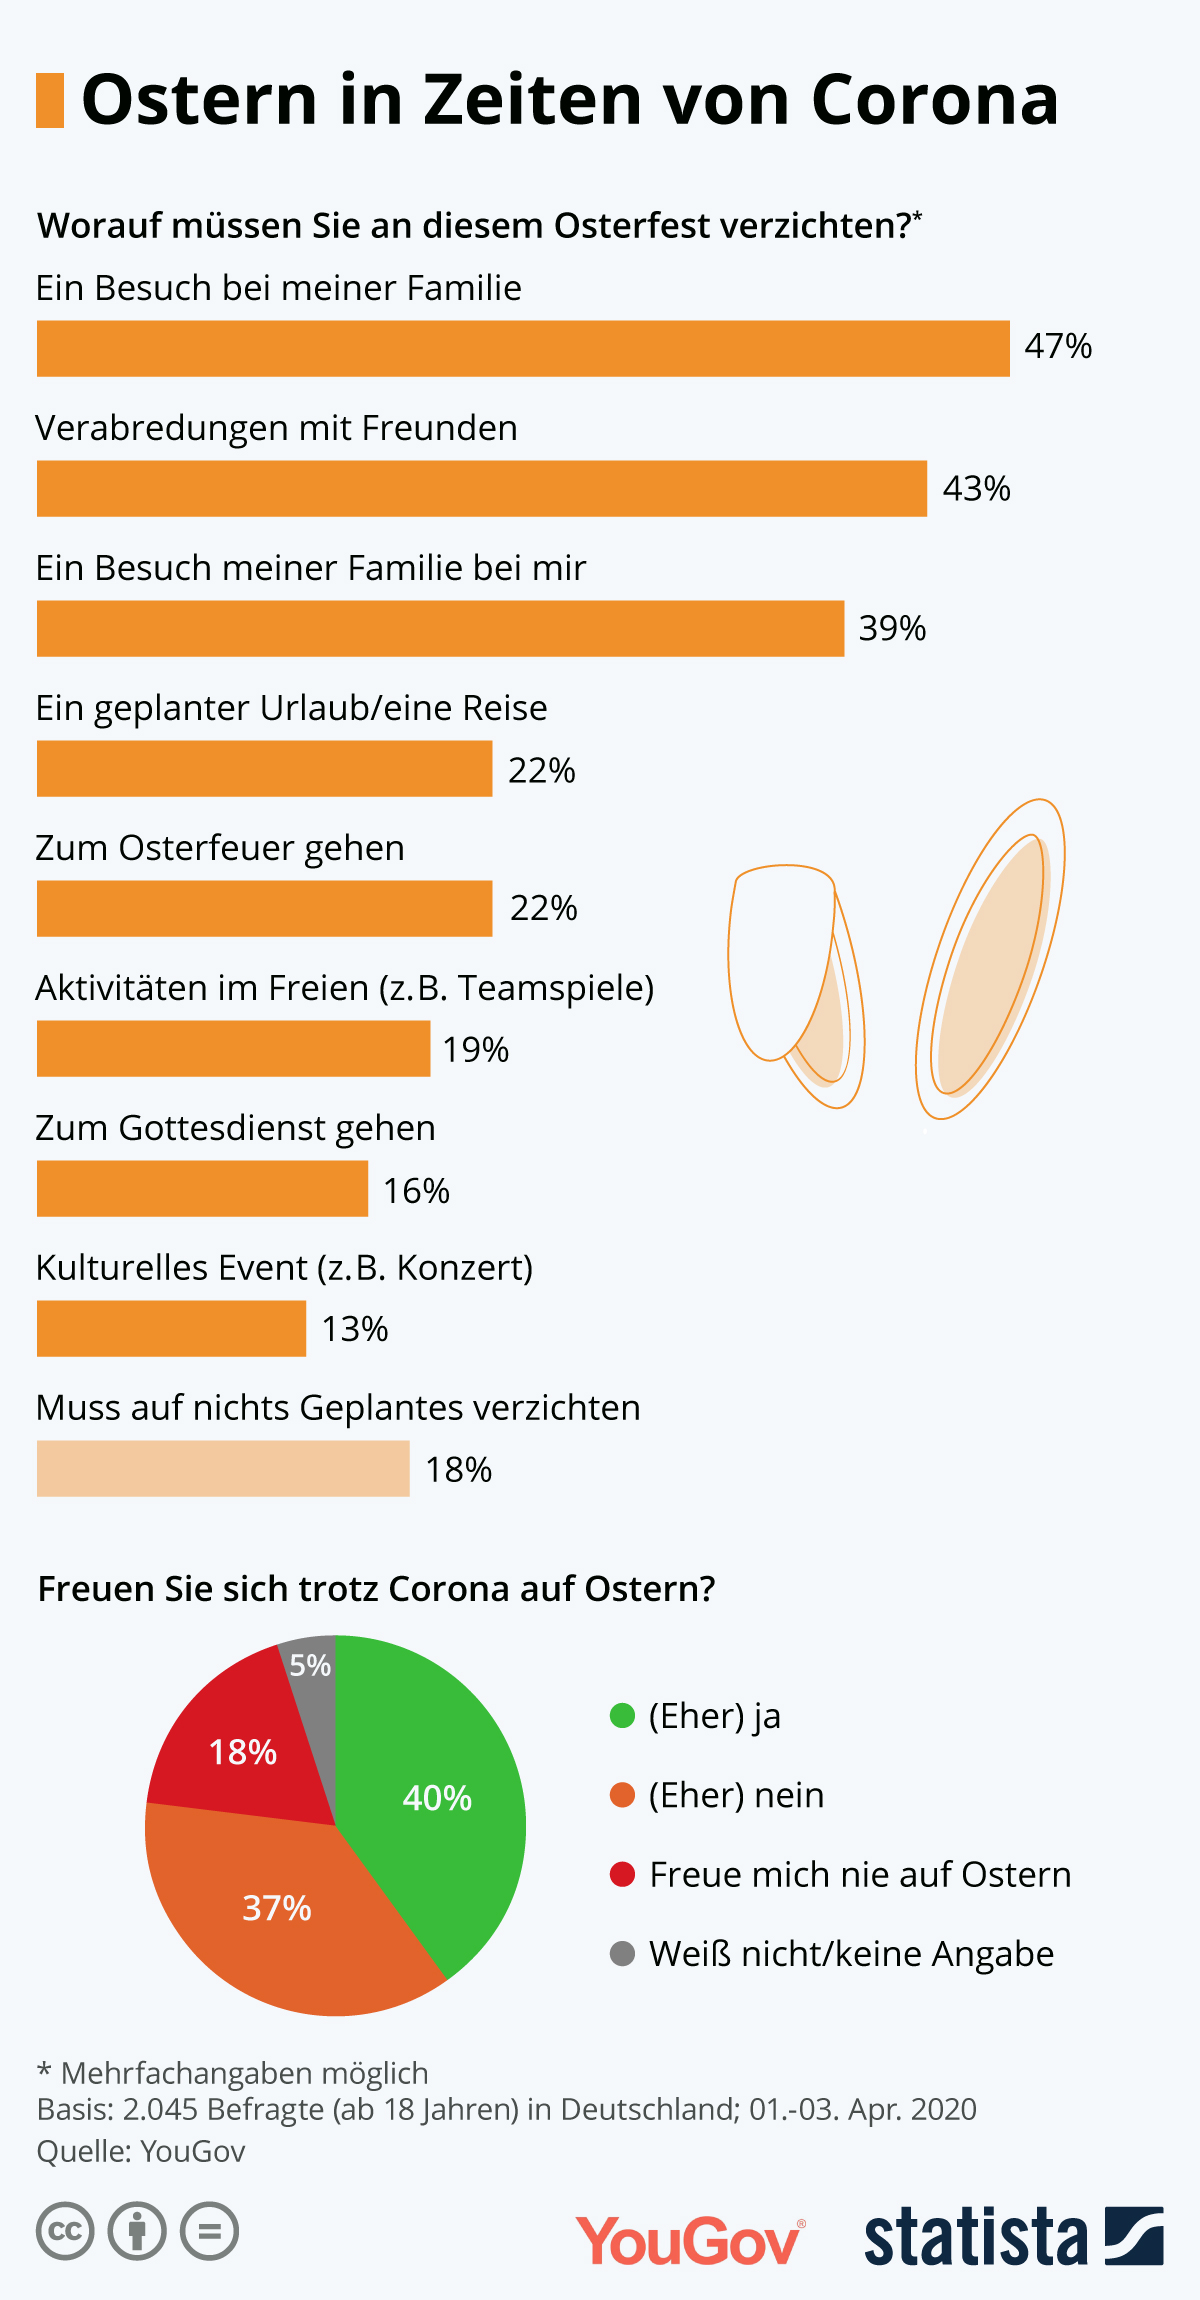 Infografik: Ostern in Zeiten von Corona | Statista